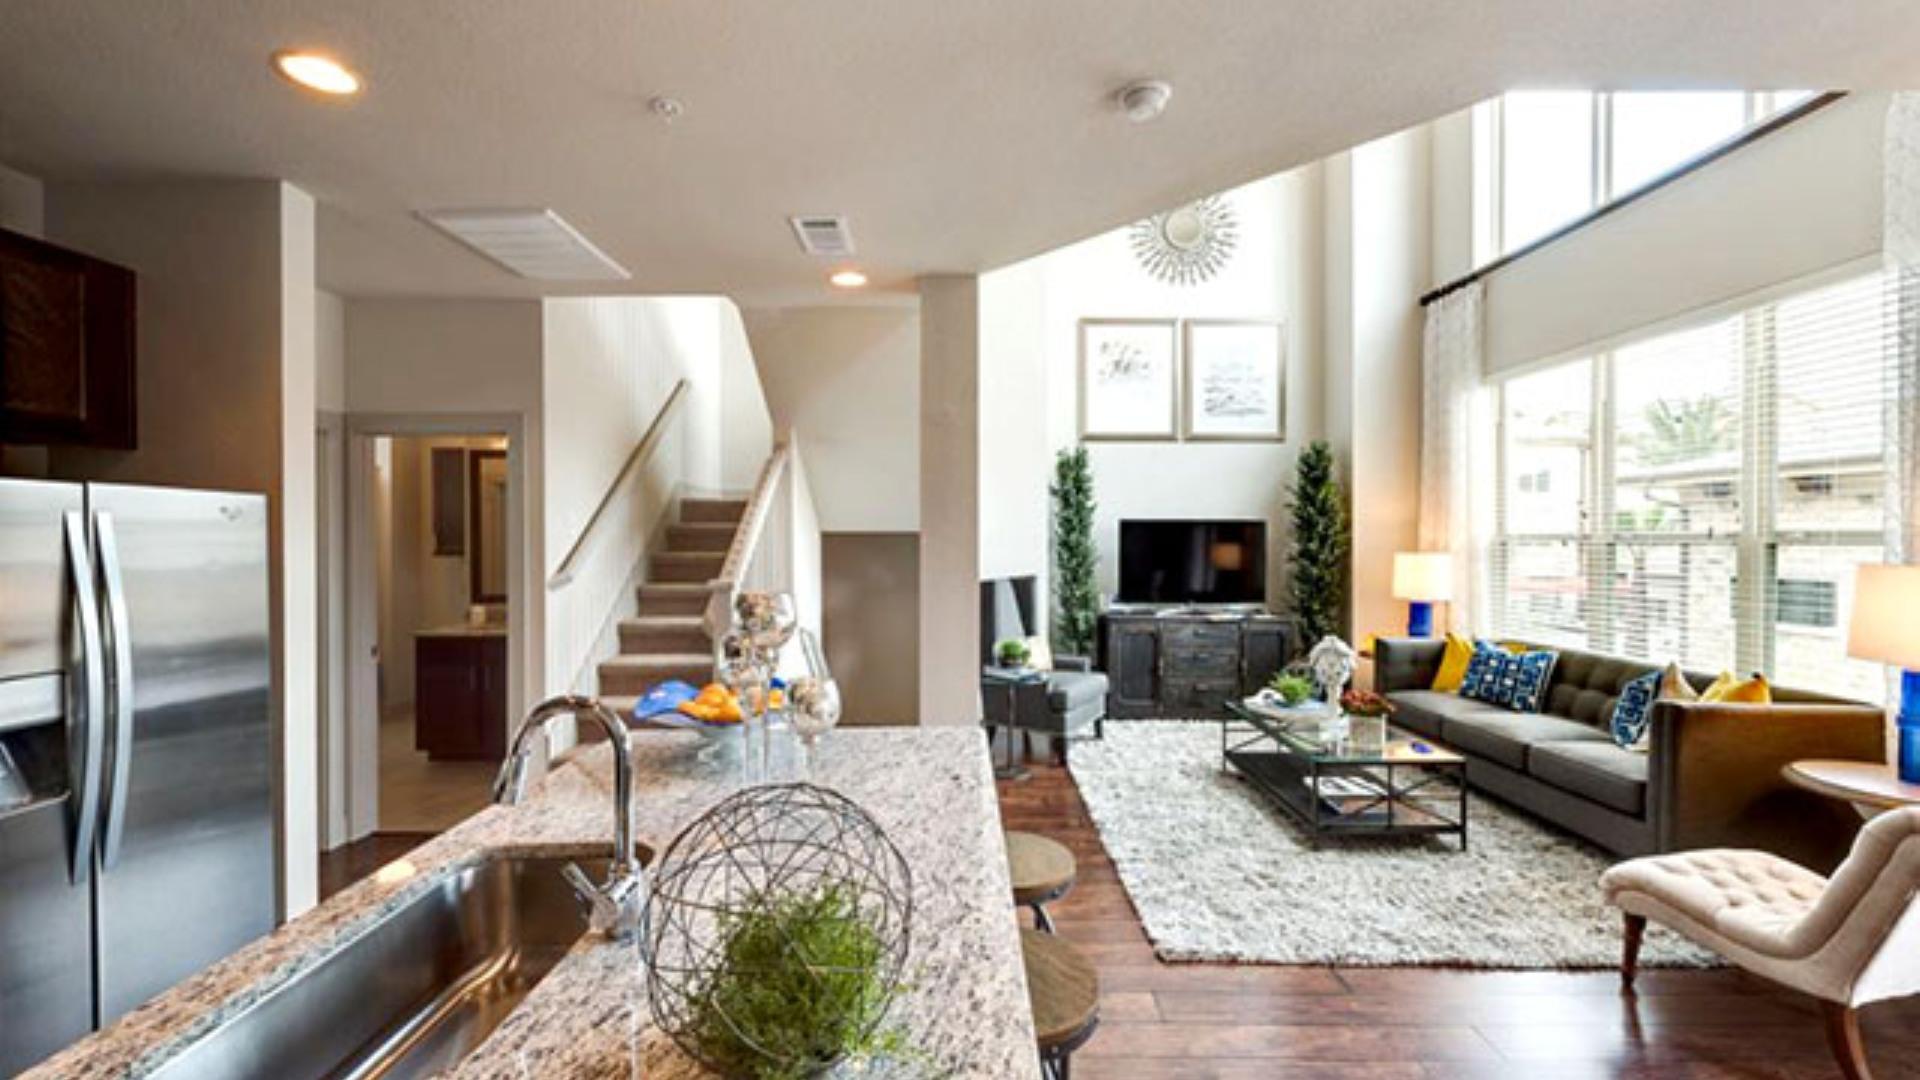 Villa en venta en Dubai, EAU, 5 dormitorios, 612 m2, № 24439 – foto 4